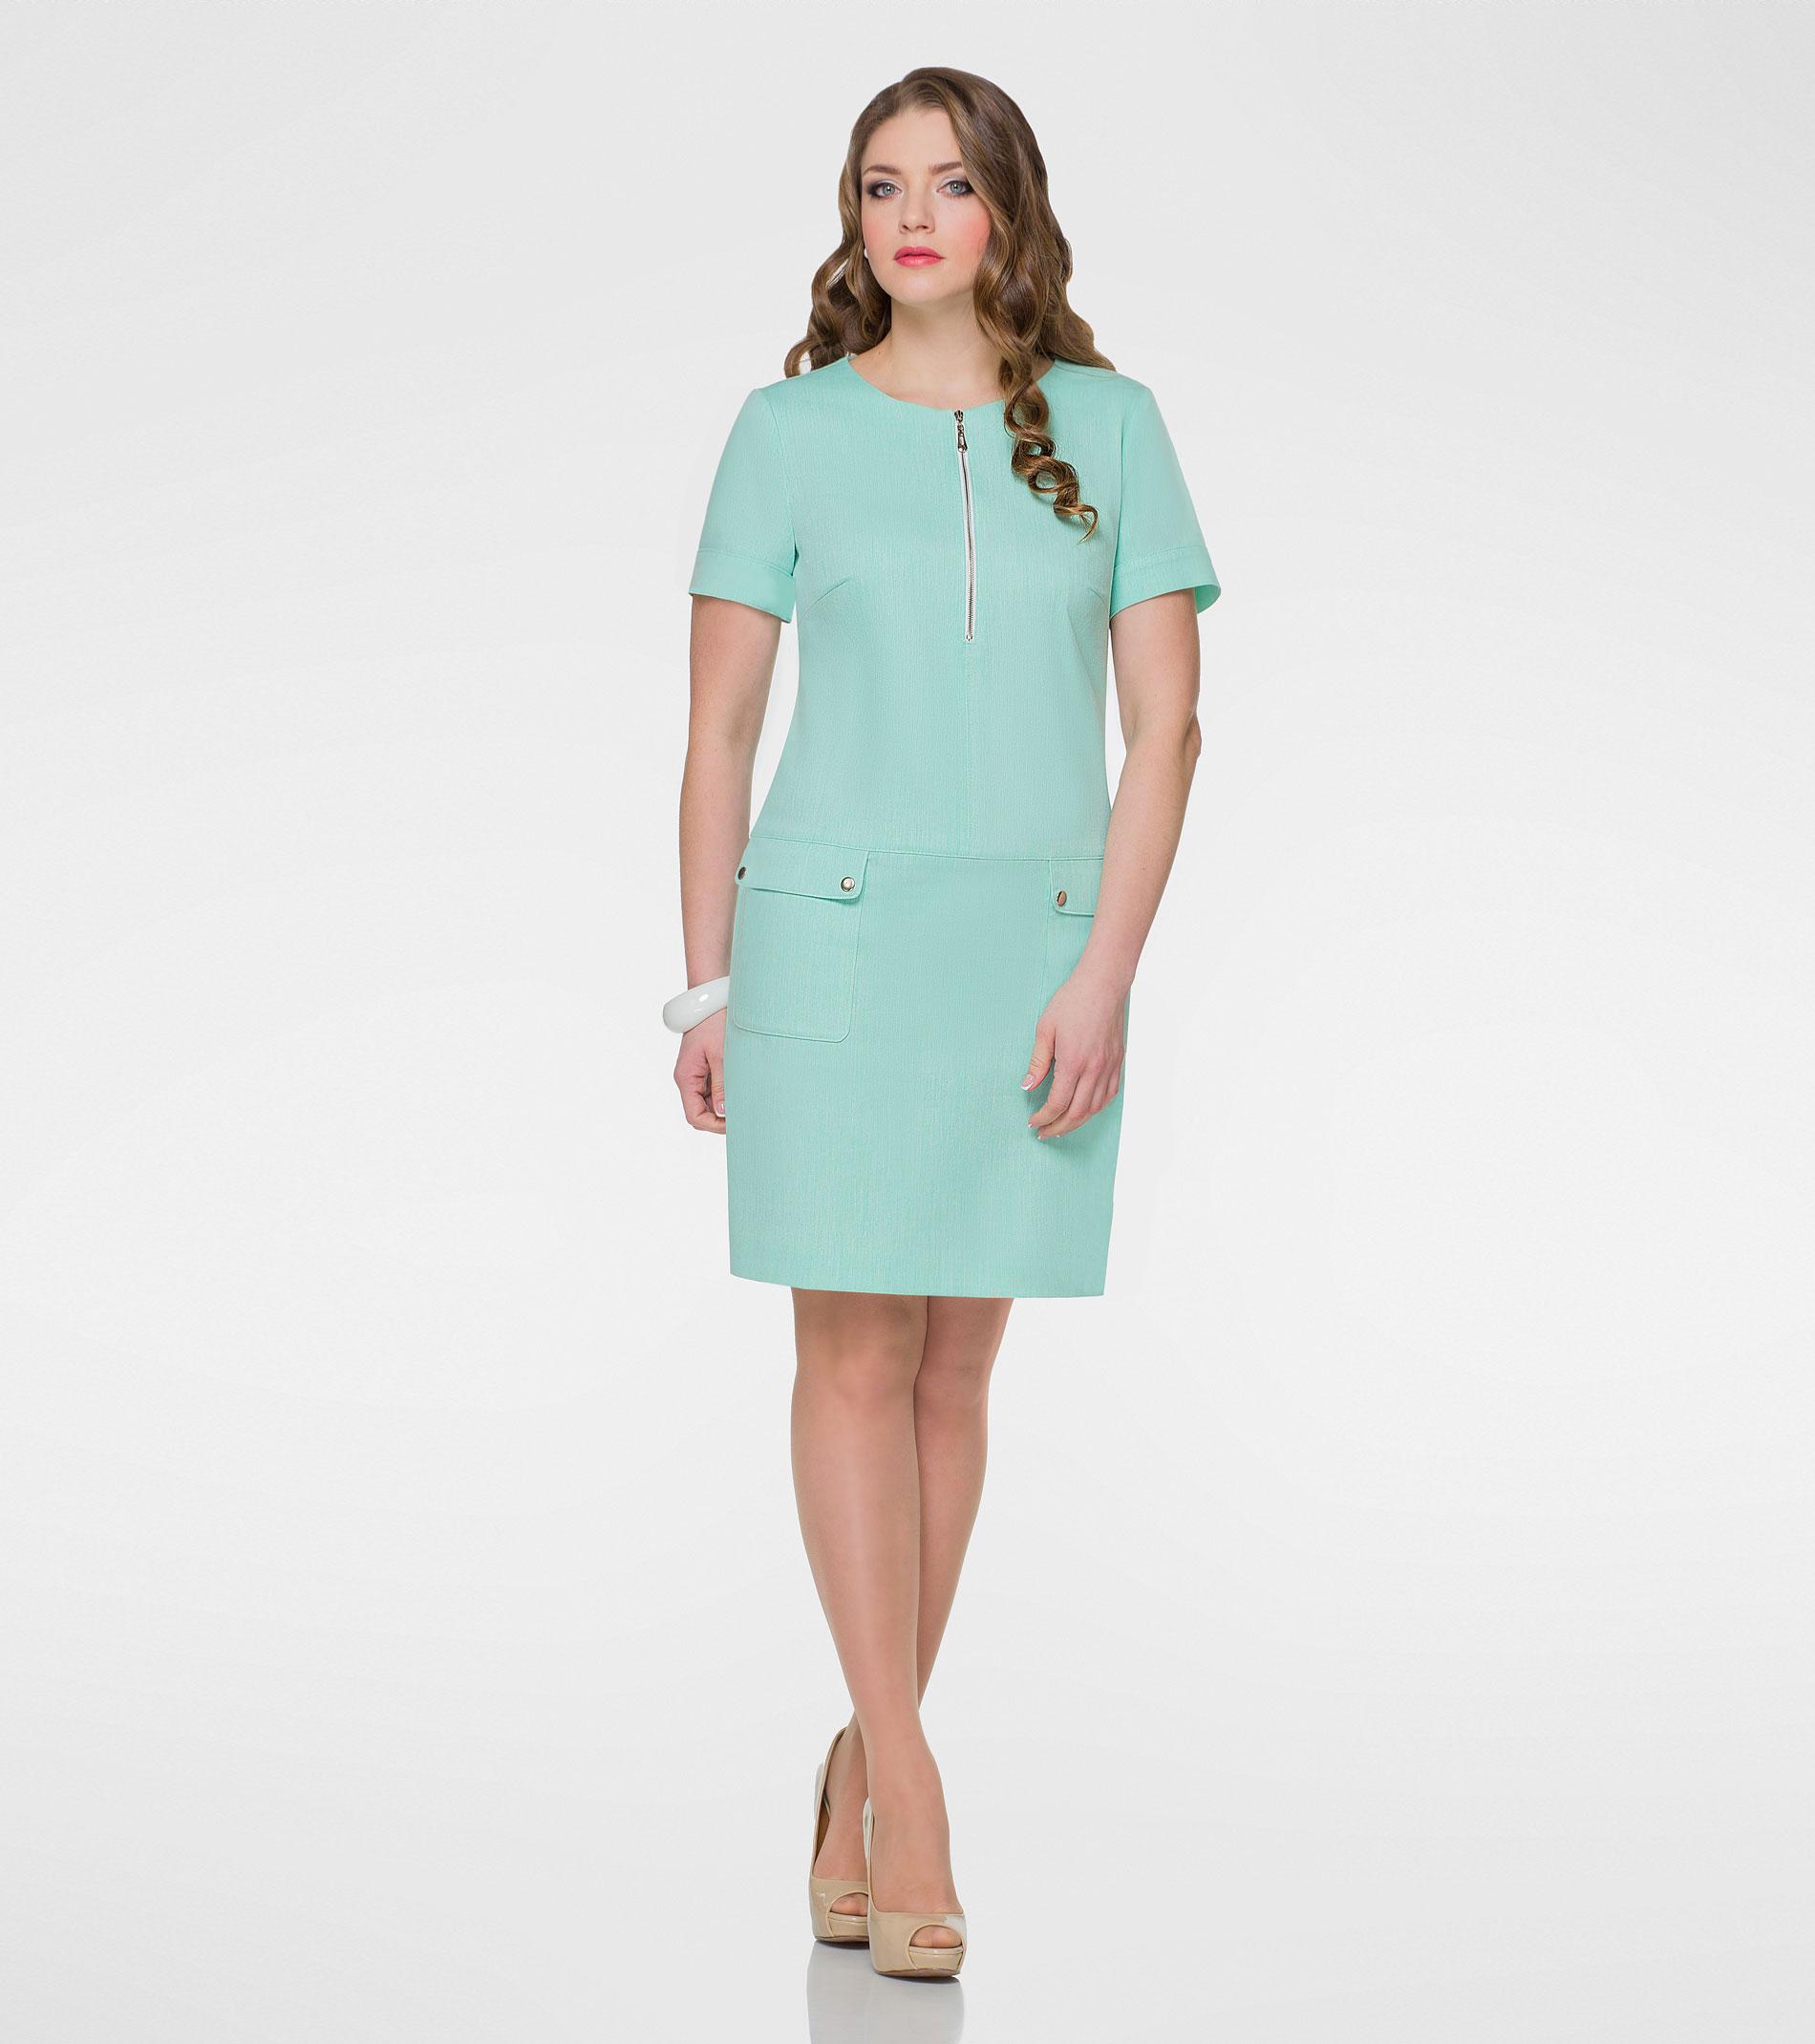 Интернет магазин красивой женской одежды с доставкой